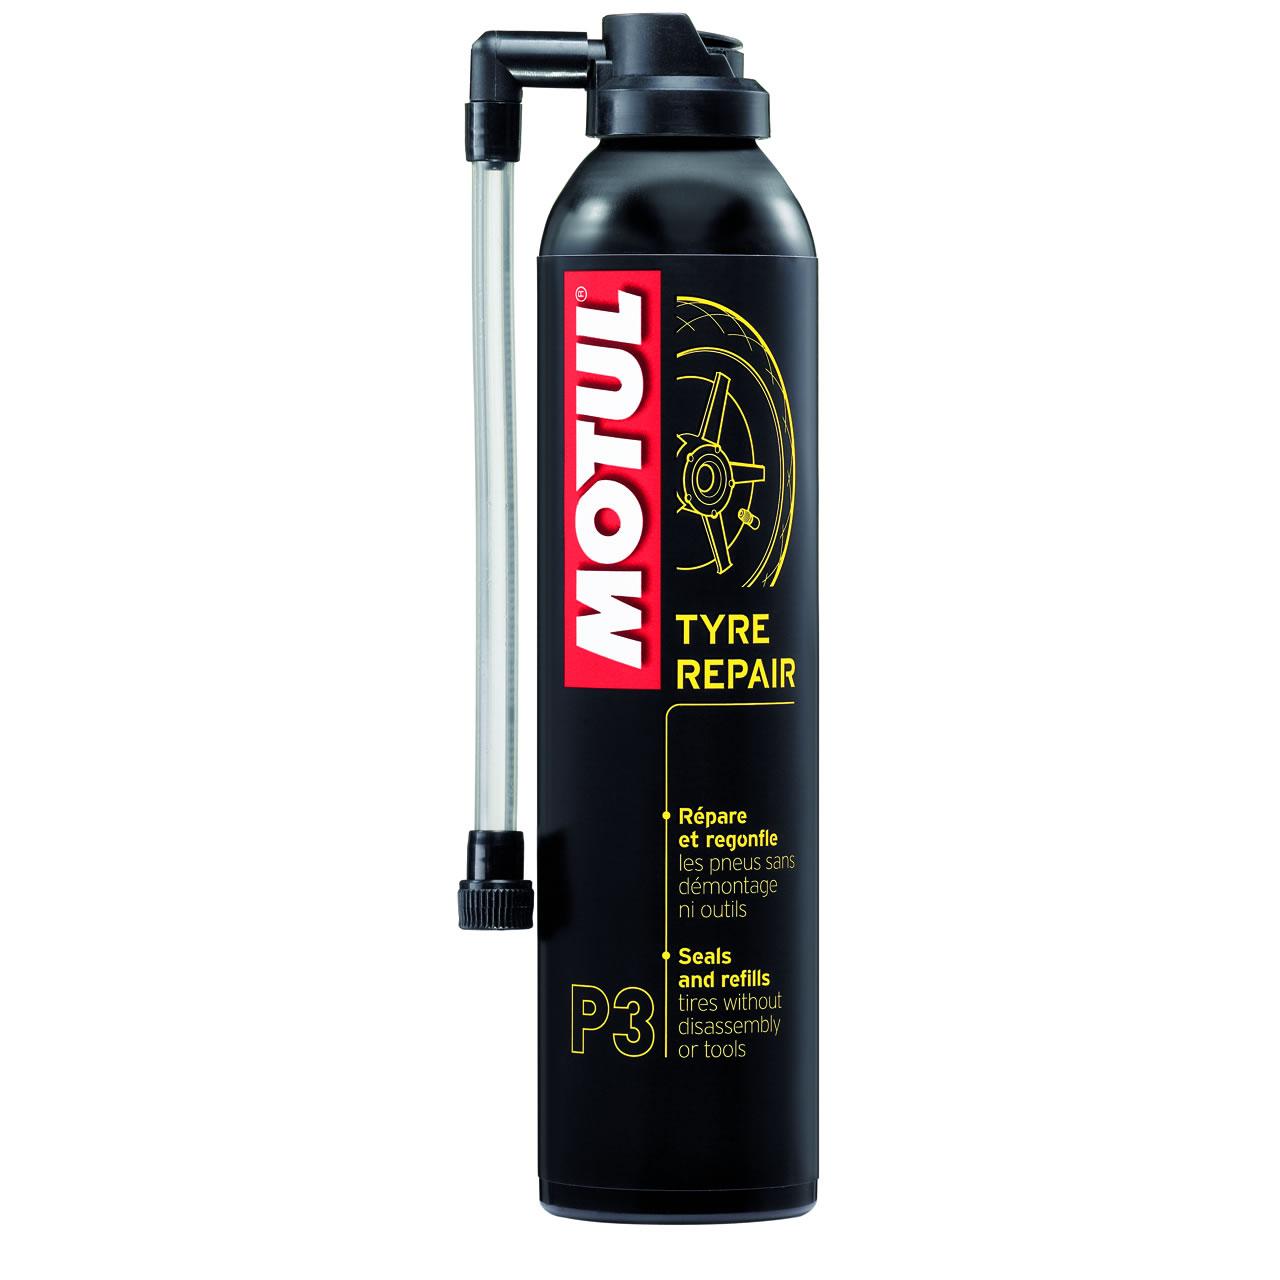 Σπρέι-υγρό επισκευής ελαστικών ( FAST ) MOTUL MC CARE tyre repair 300ml MOTUL motul-tyre-repair